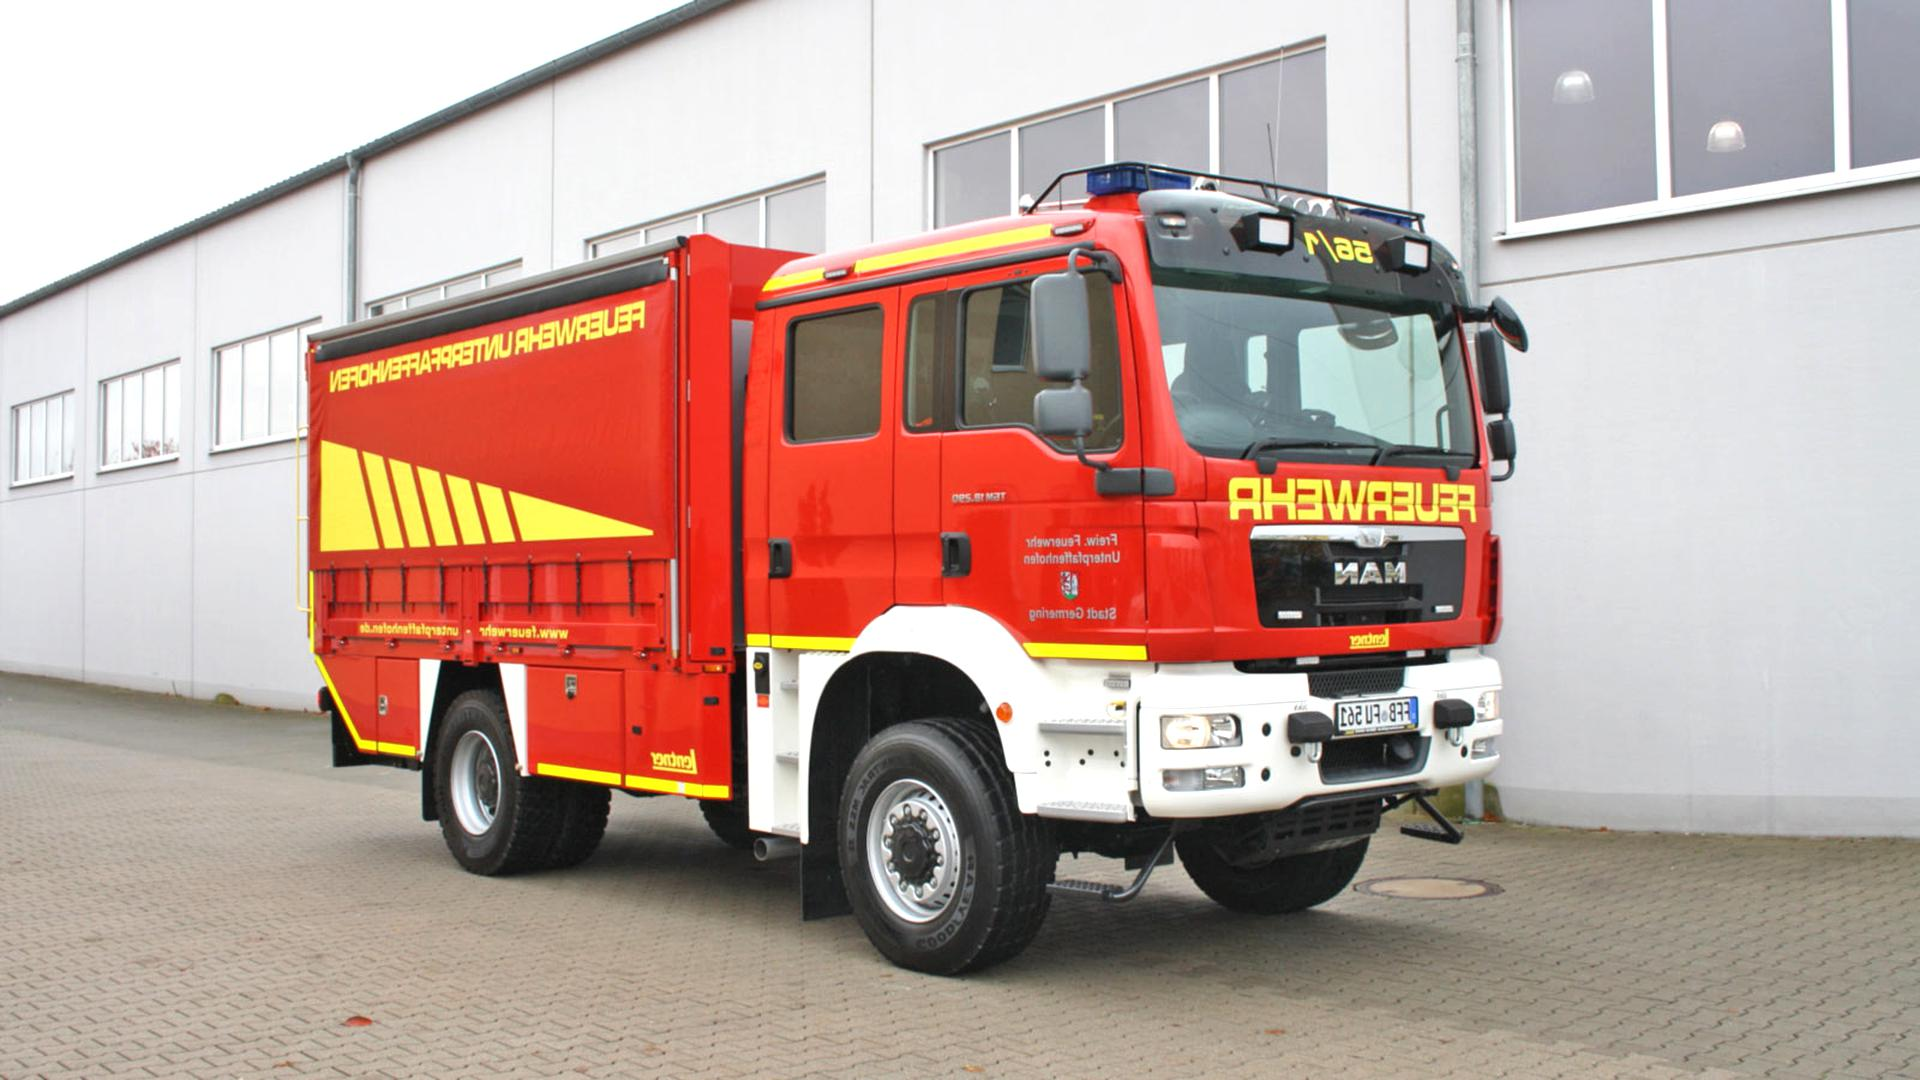 Feuerwehr Lkw gebraucht kaufen! 2 St. bis -60% günstiger